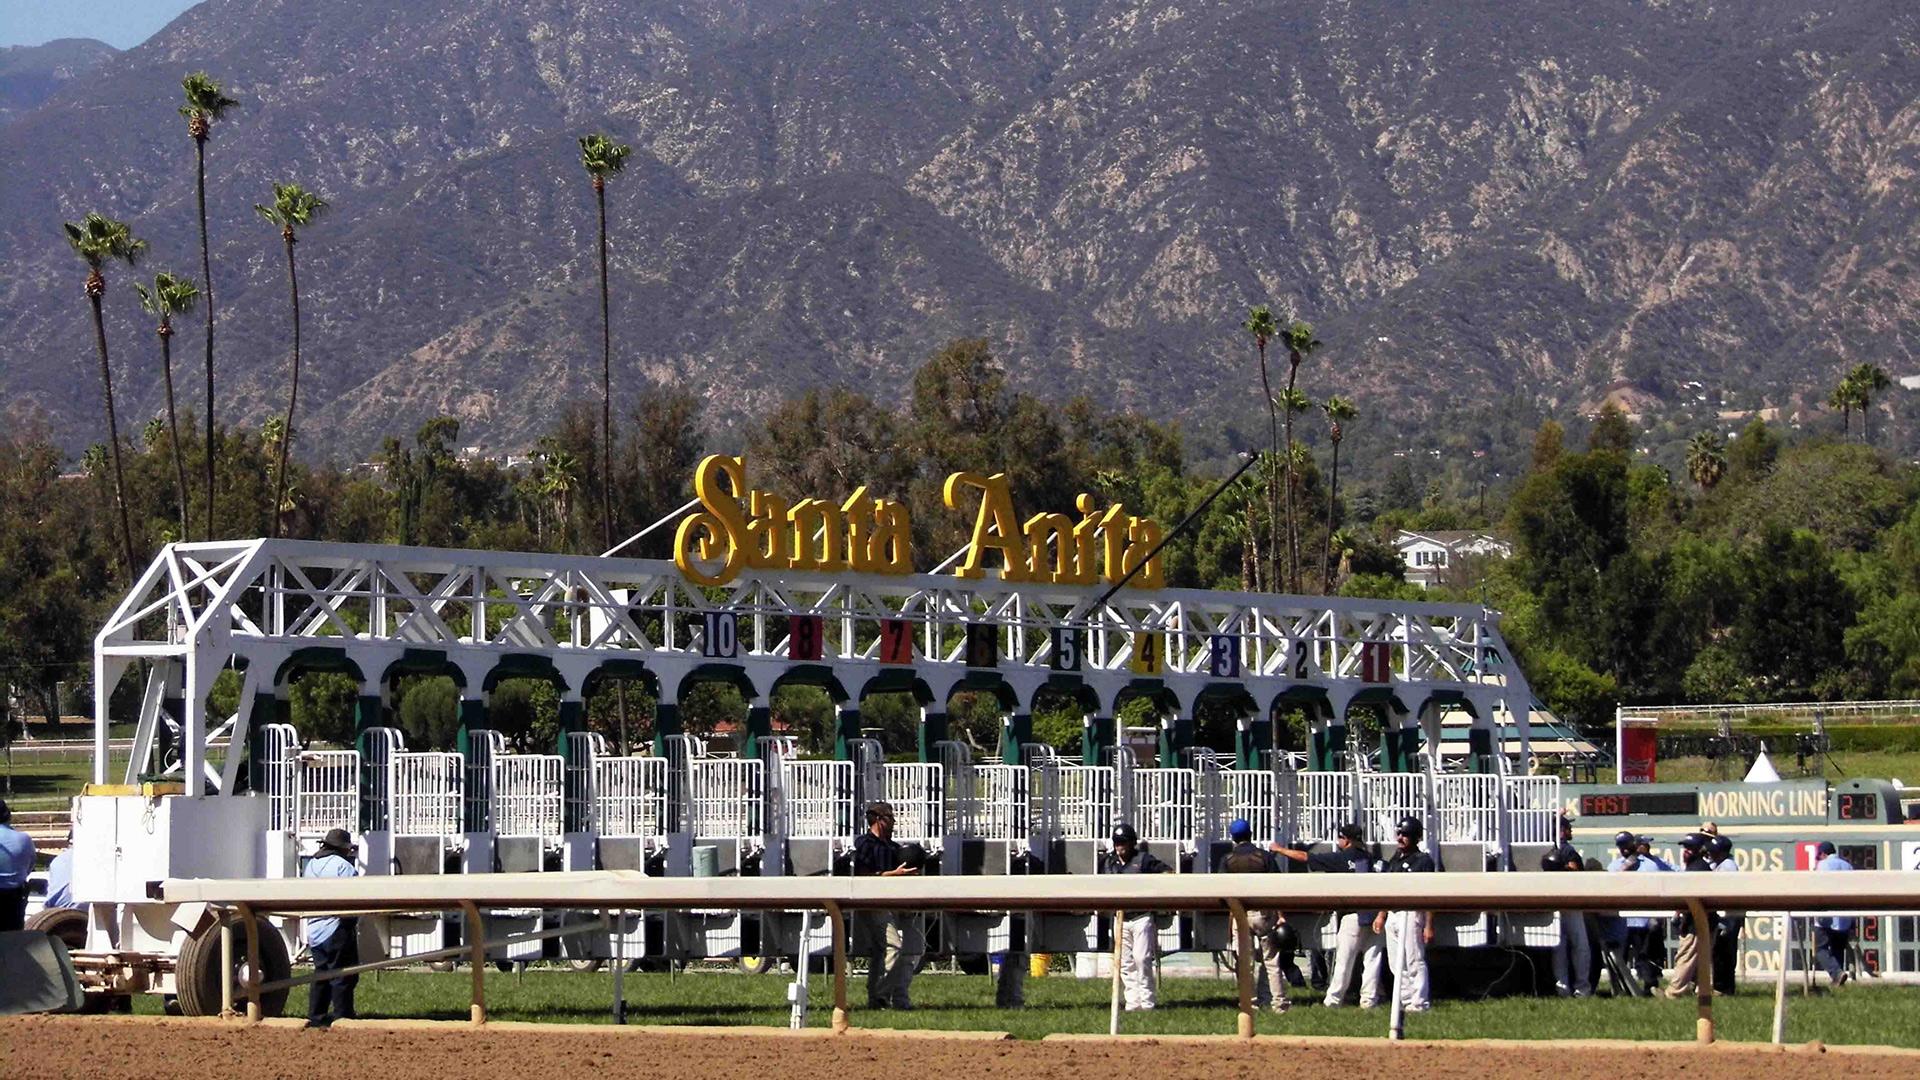 Santa Anita Racetrack